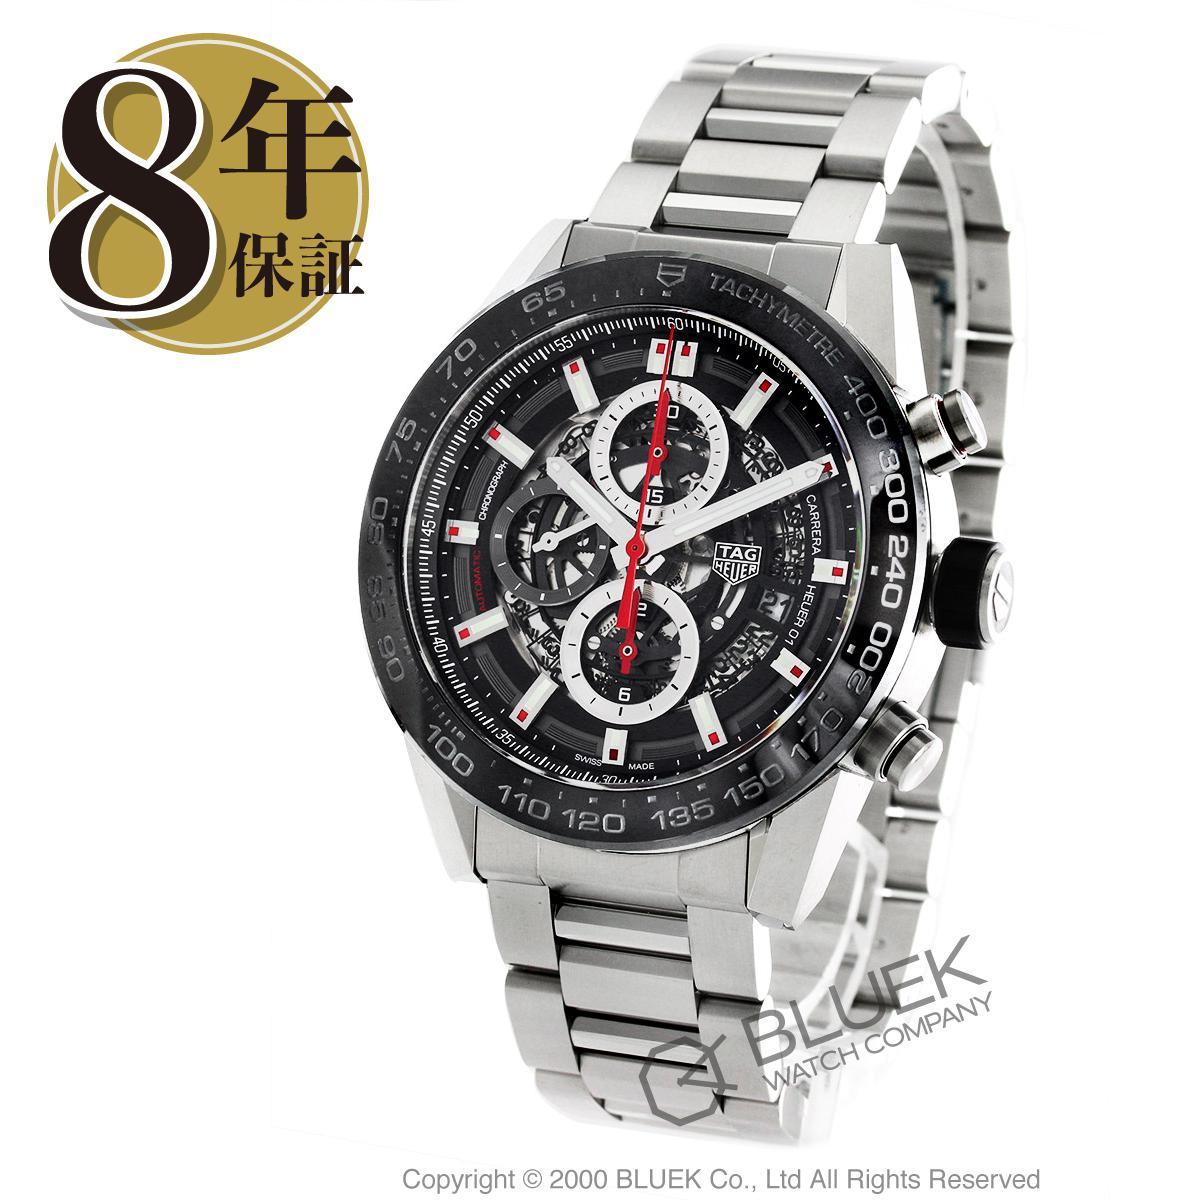 タグホイヤー カレラ ホイヤー01 クロノグラフ 腕時計 メンズ TAG Heuer CAR2A1W.BA0703_8 バーゲン 成人祝い ギフト プレゼント